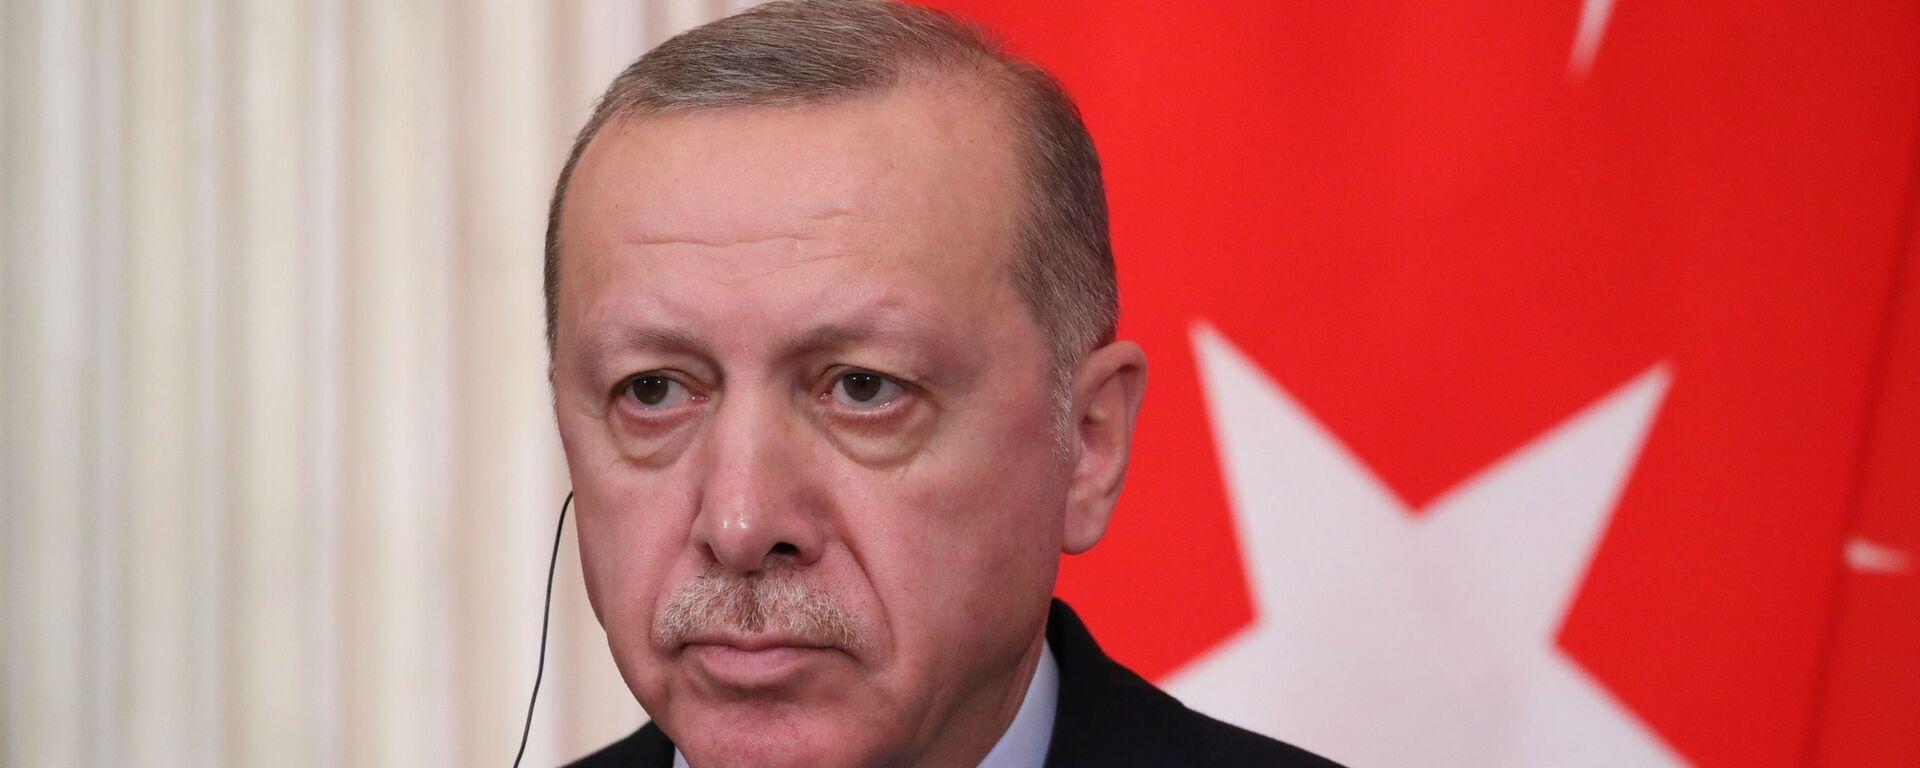 Recep Tayyip Erdogan - Sputnik France, 1920, 18.08.2021